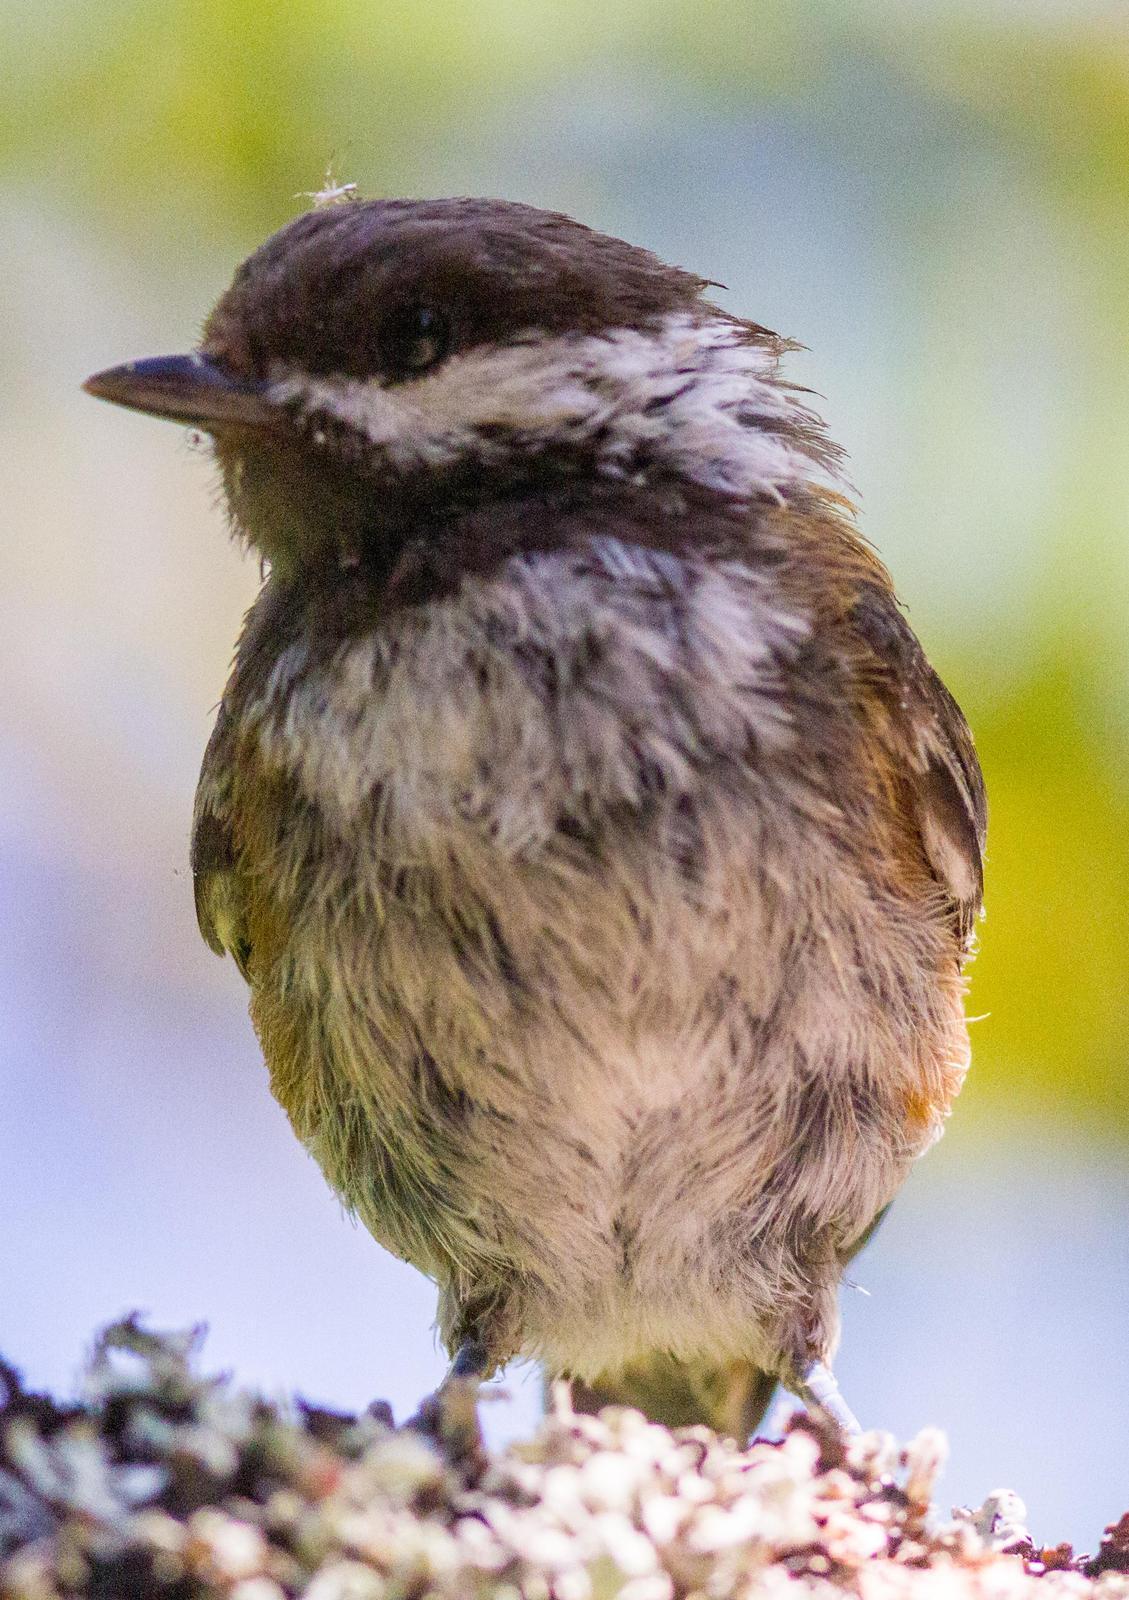 Chestnut-backed Chickadee Photo by Jeannette Piecznski